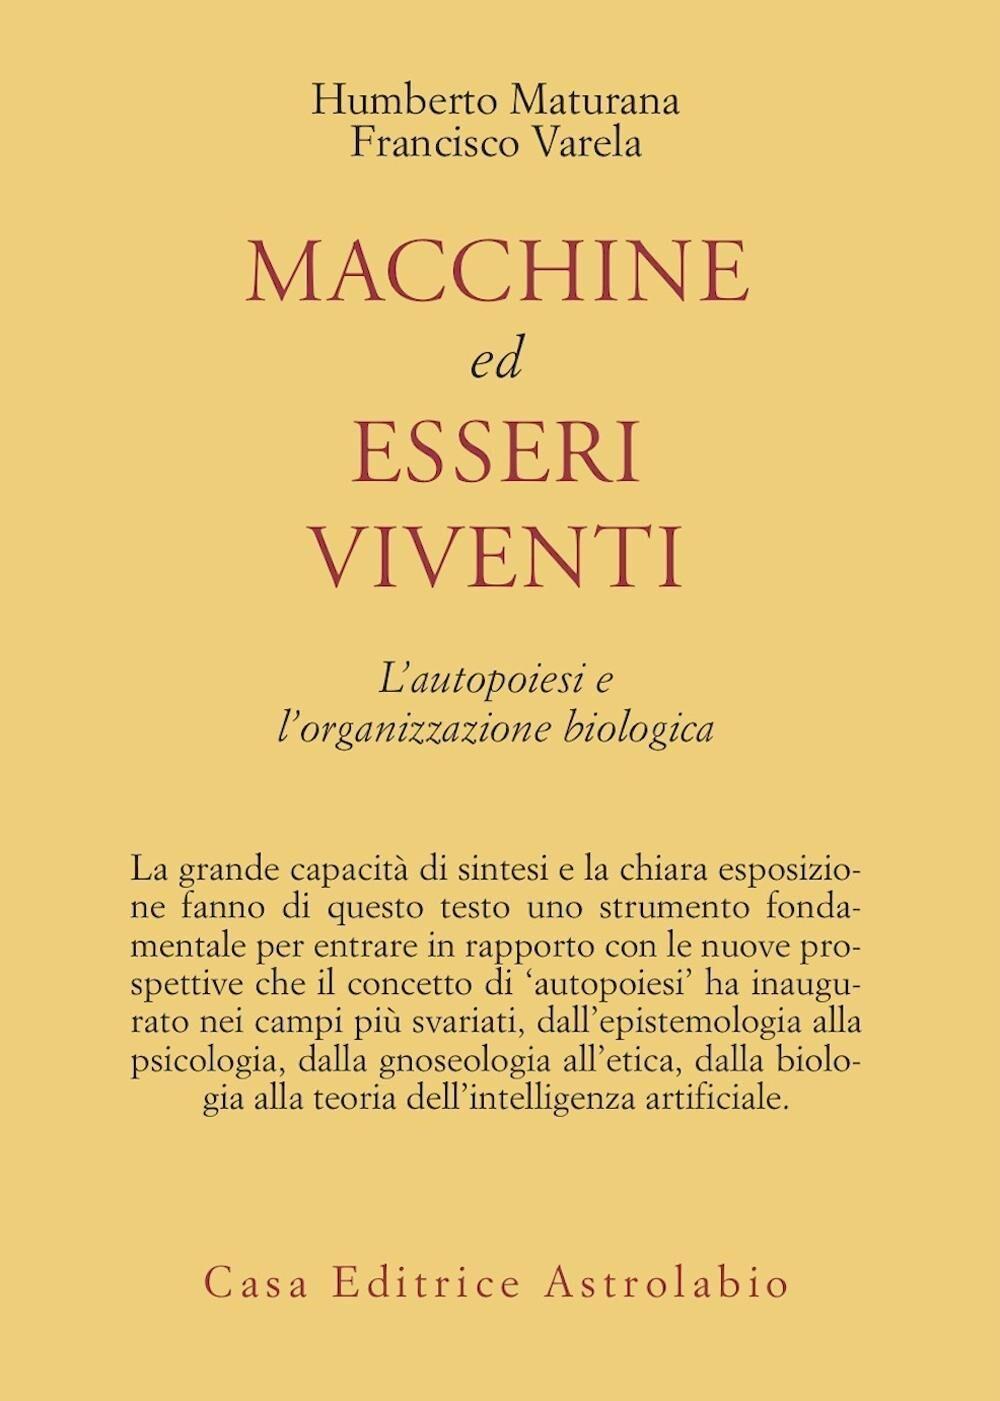 Macchine ed esseri viventi. L'autopoiesi e l'organizzazione biologica